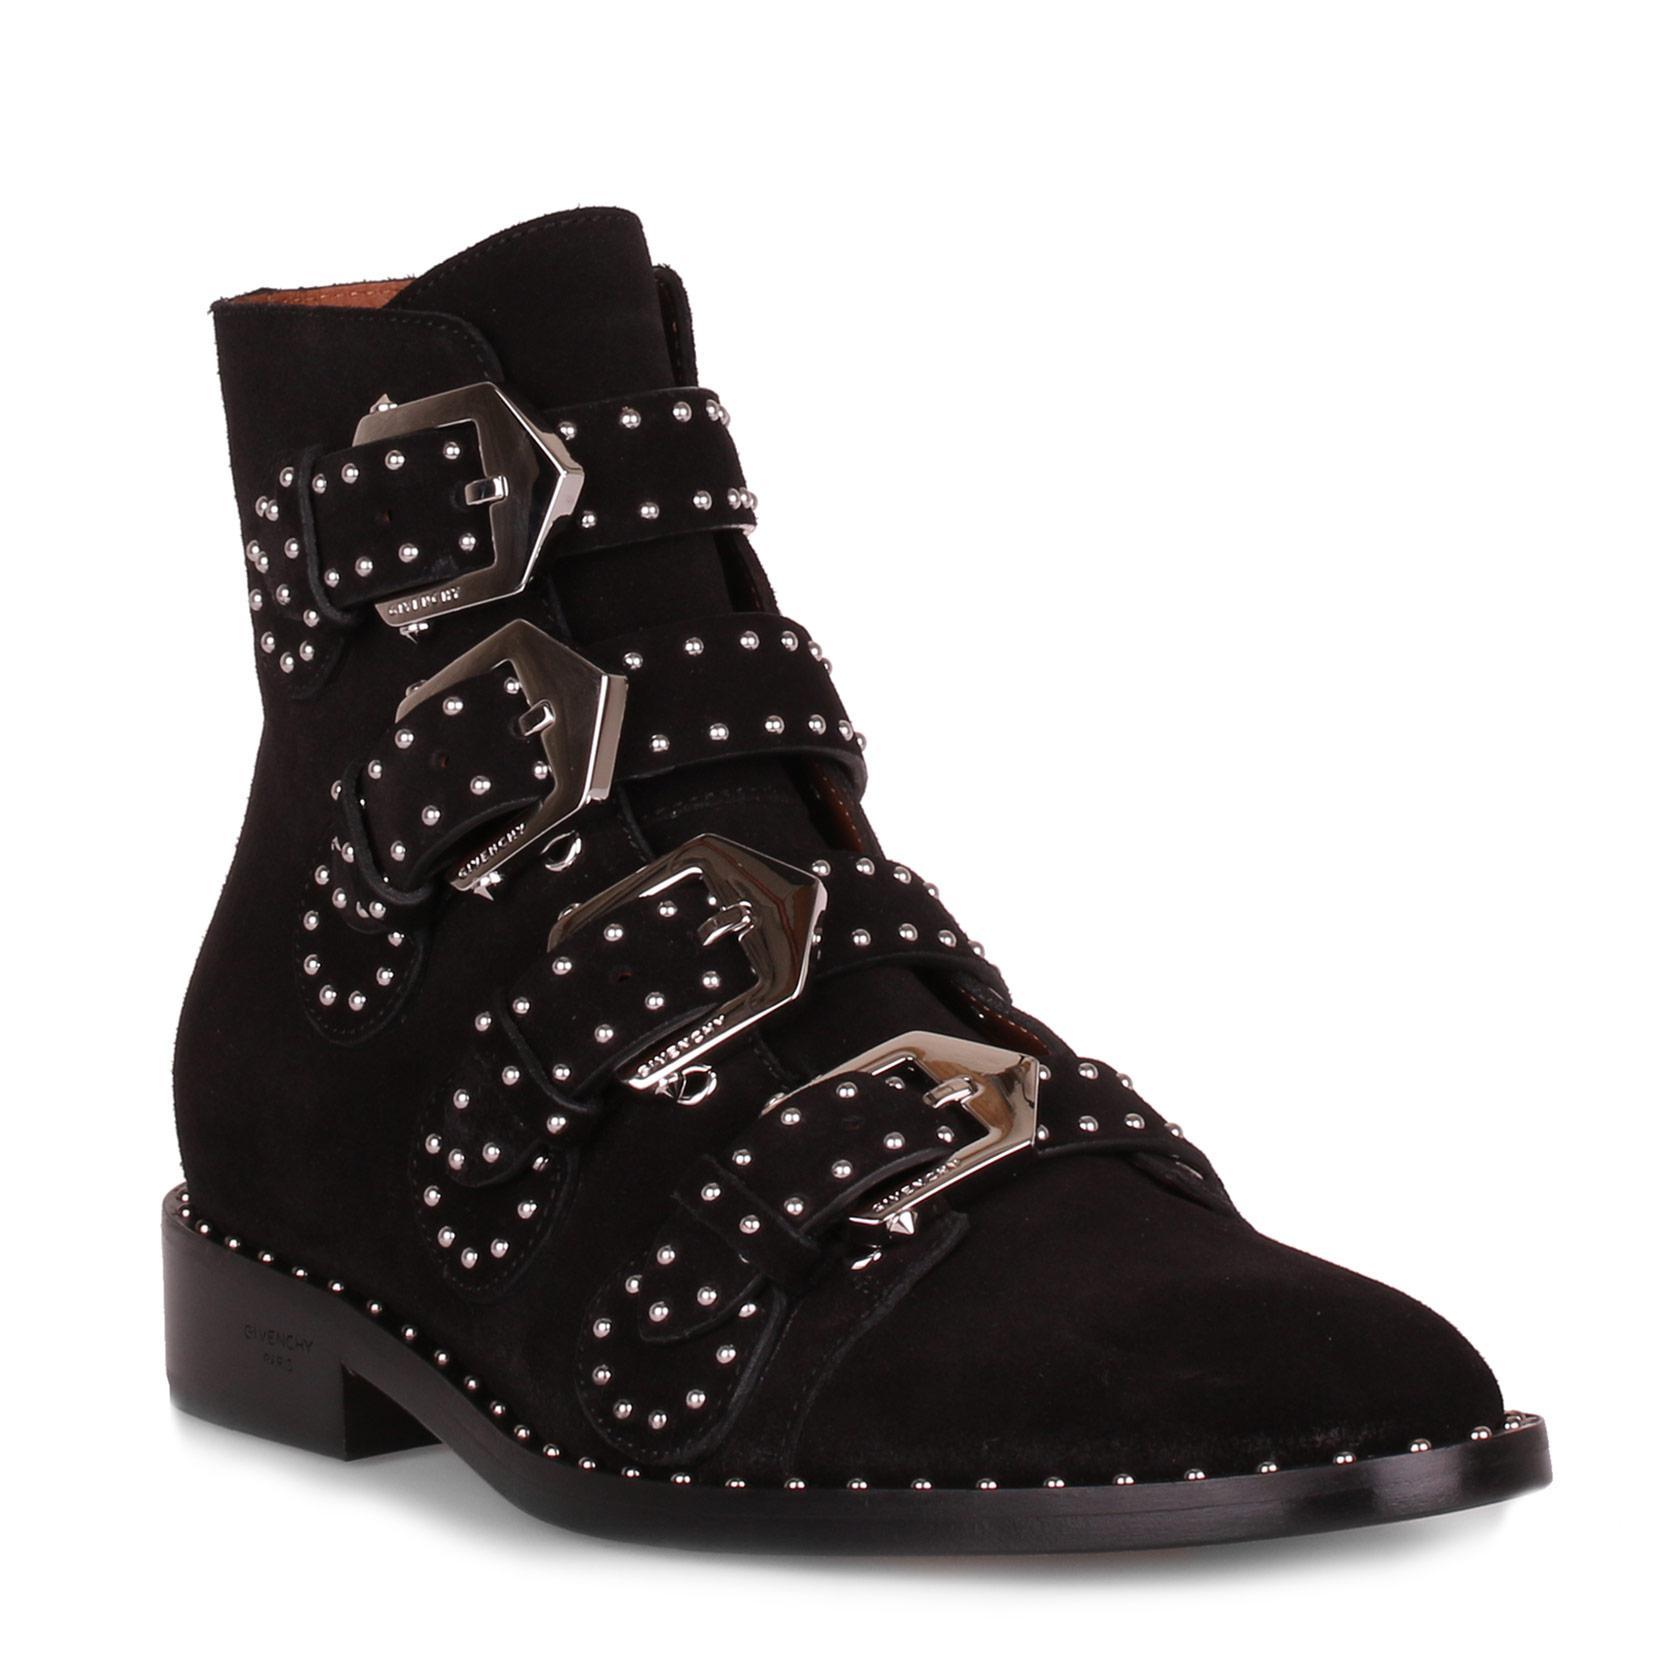 Elegant flat black leather boot Givenchy e2T7p95v